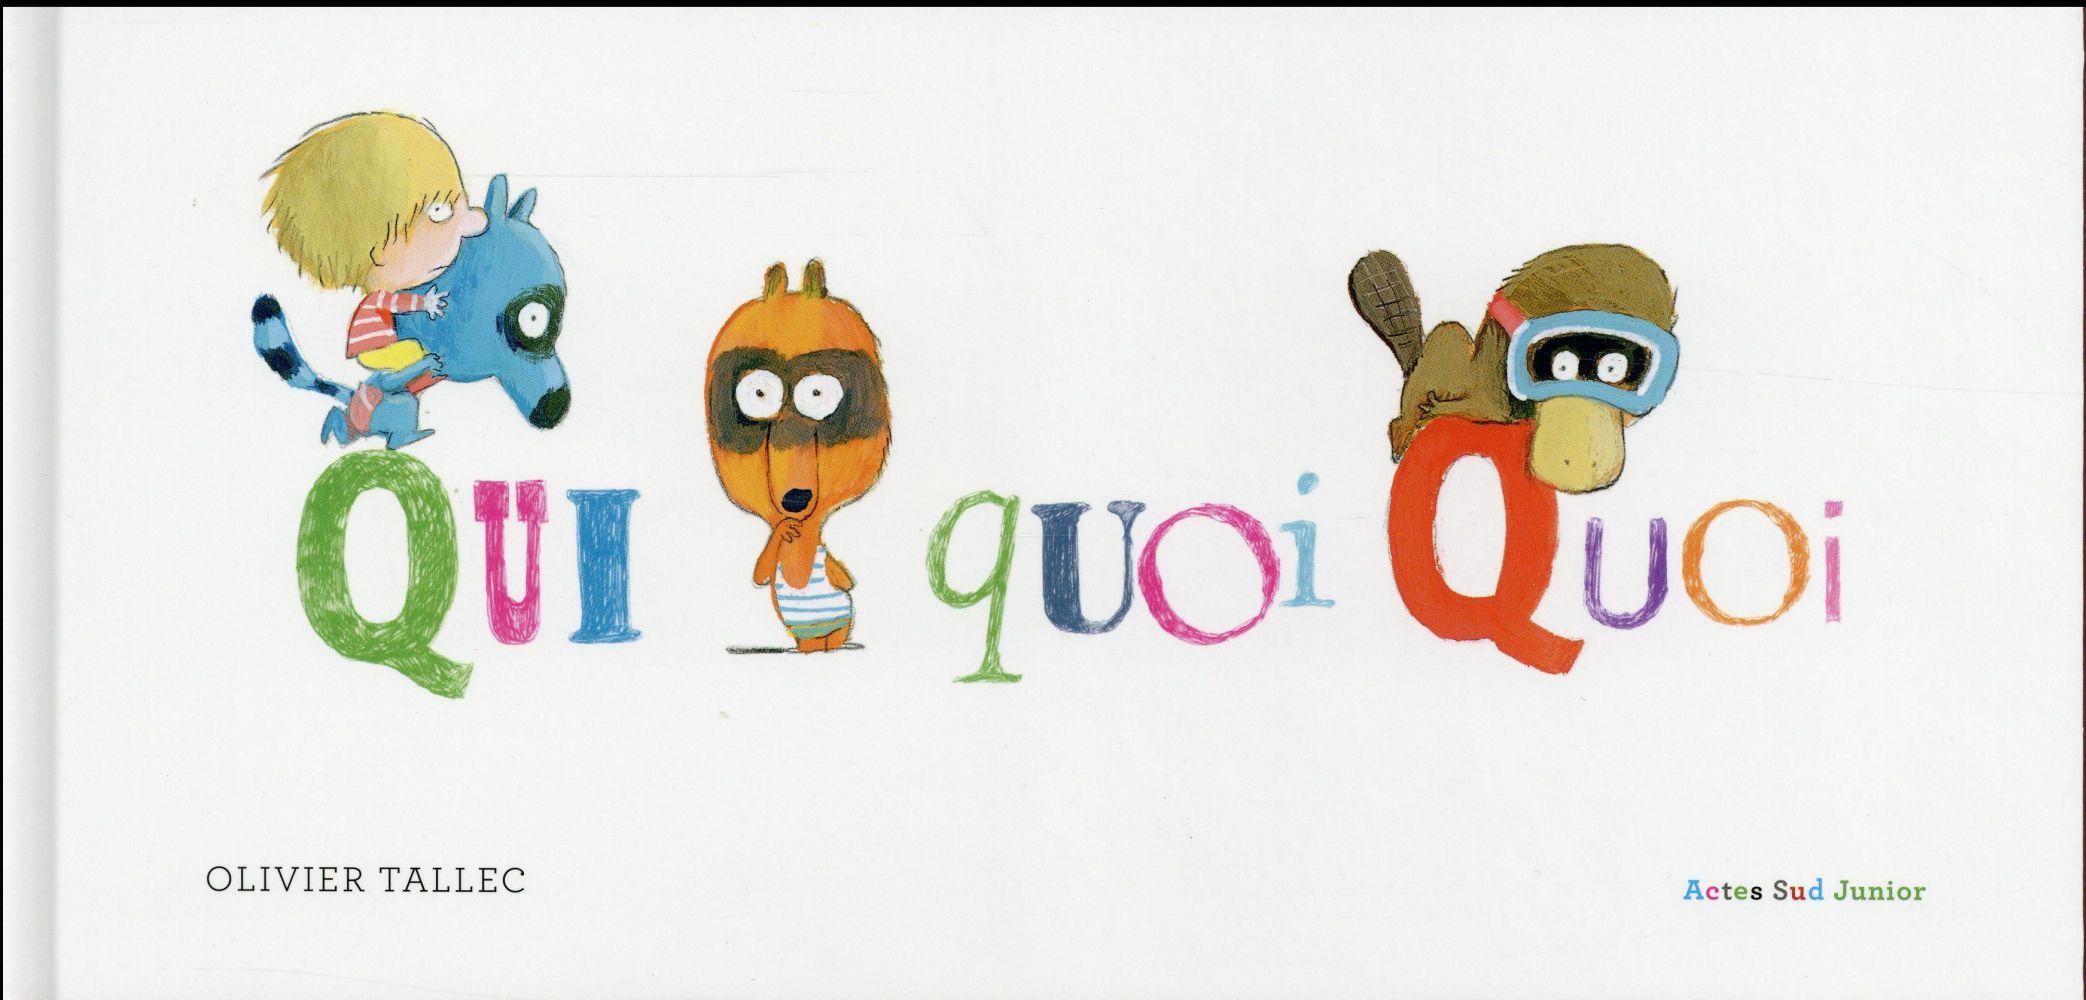 Quiquoiquoi ?